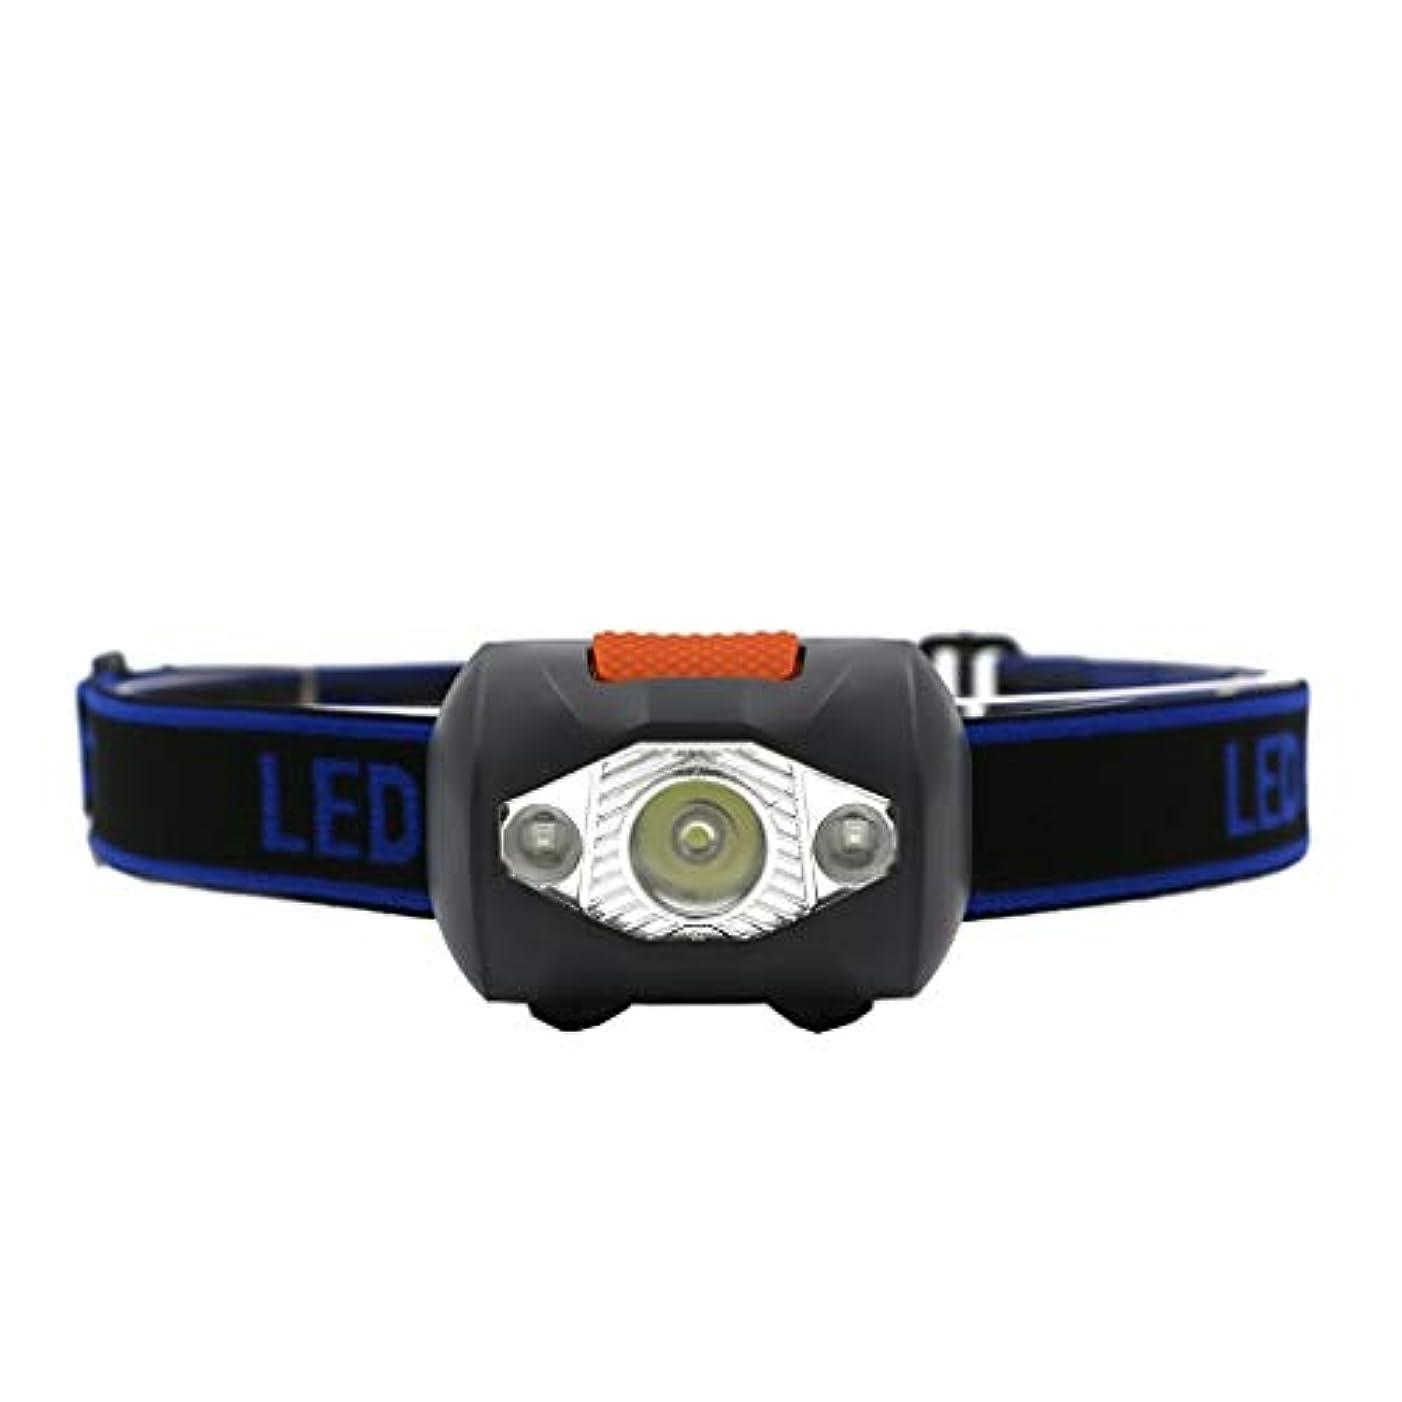 物質道徳のイサカNosterappou 屋外照明多機能ミニヘッドライト、夜間または雨天時のヘッドライトのライディング、4つの照明モード、300ルーメンのランプビーズ、IPX5レベルの日常生活用防水、登山用キャンプヘッドライト